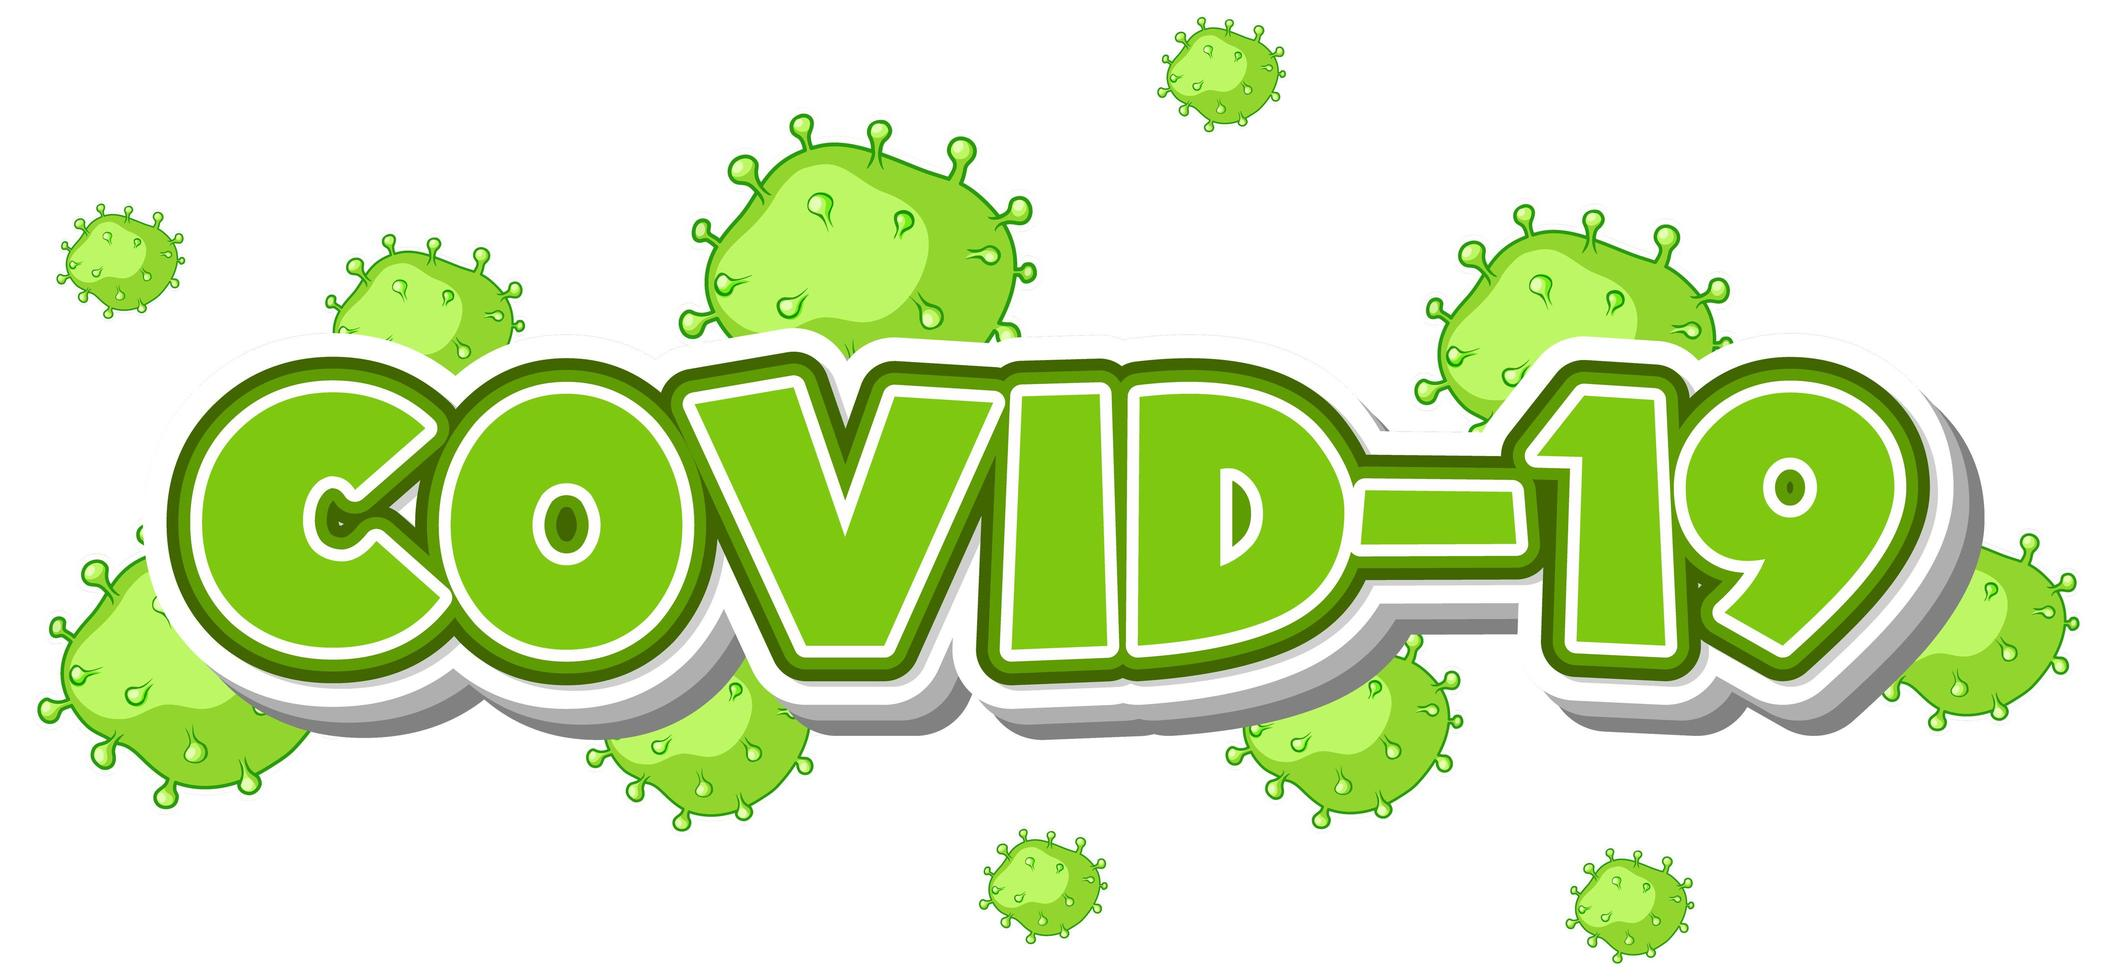 testo covid-19 verde vettore